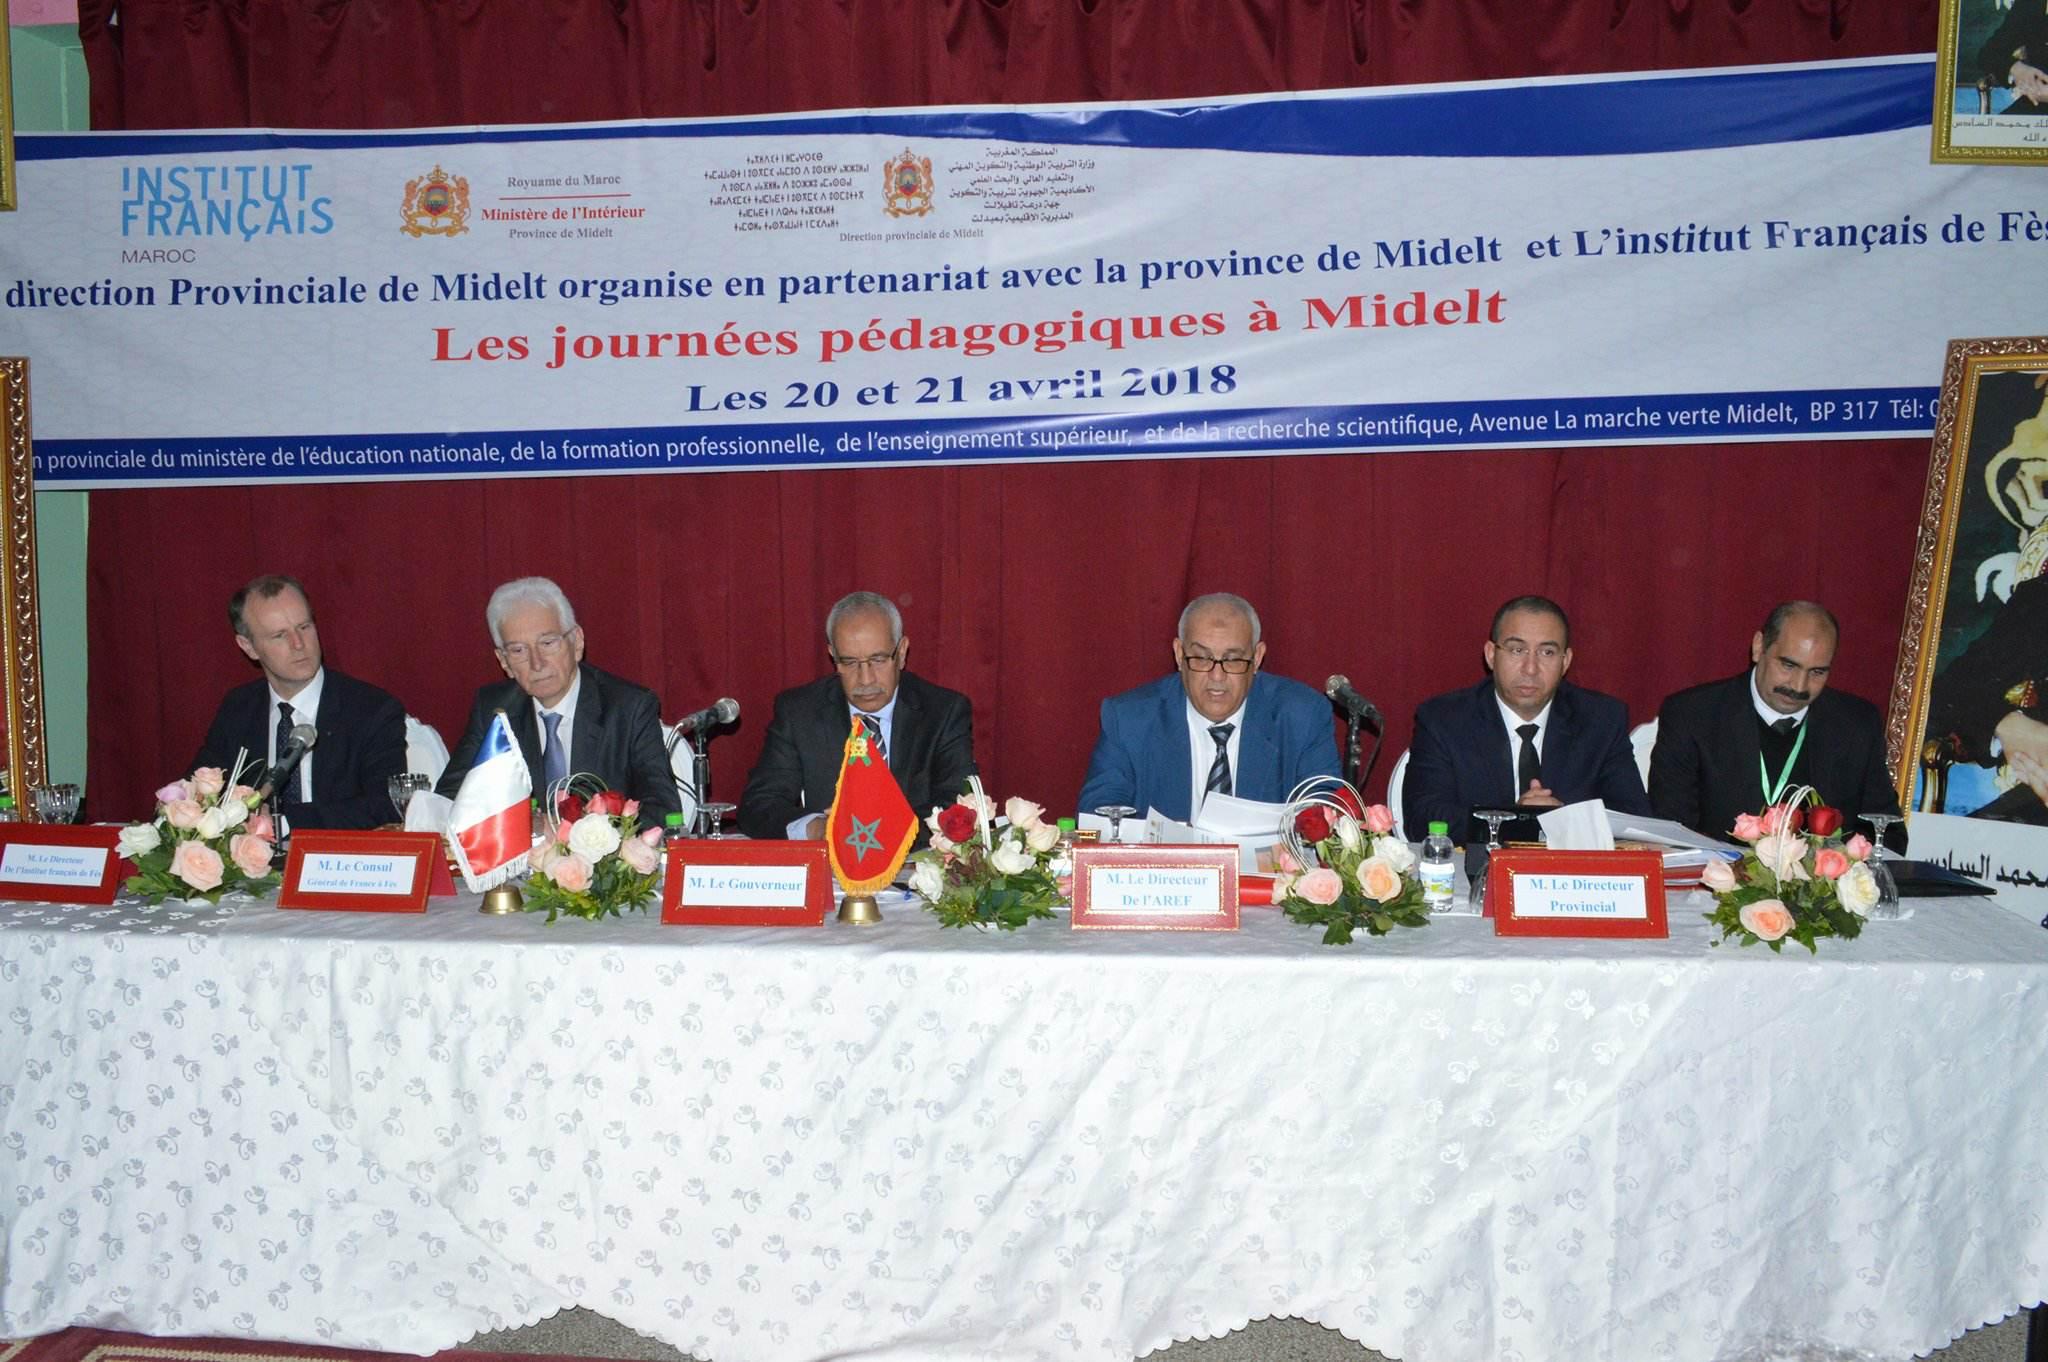 المديرية الإقليمية بميدلت تنظم دورة تكوينية بتنسيق مع عمالة الإقليم والمعهد الثقافي الفرنسي بفاس